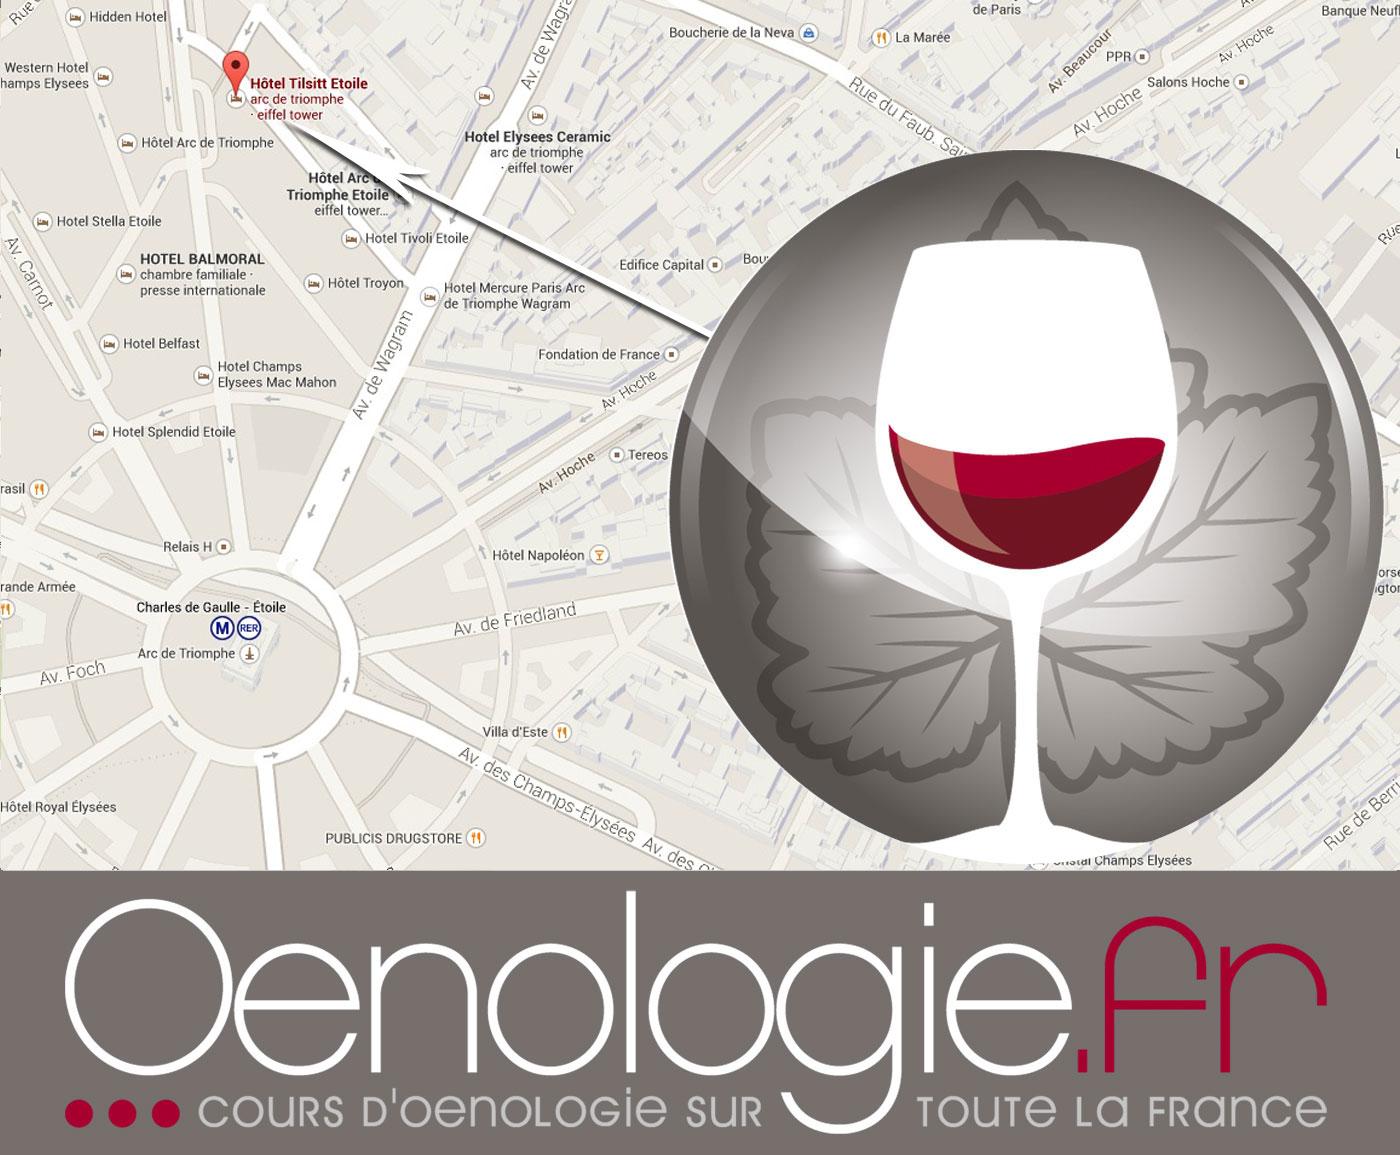 Plan pour accéder aux cours d'oenologie à paris avec oenologie.fr